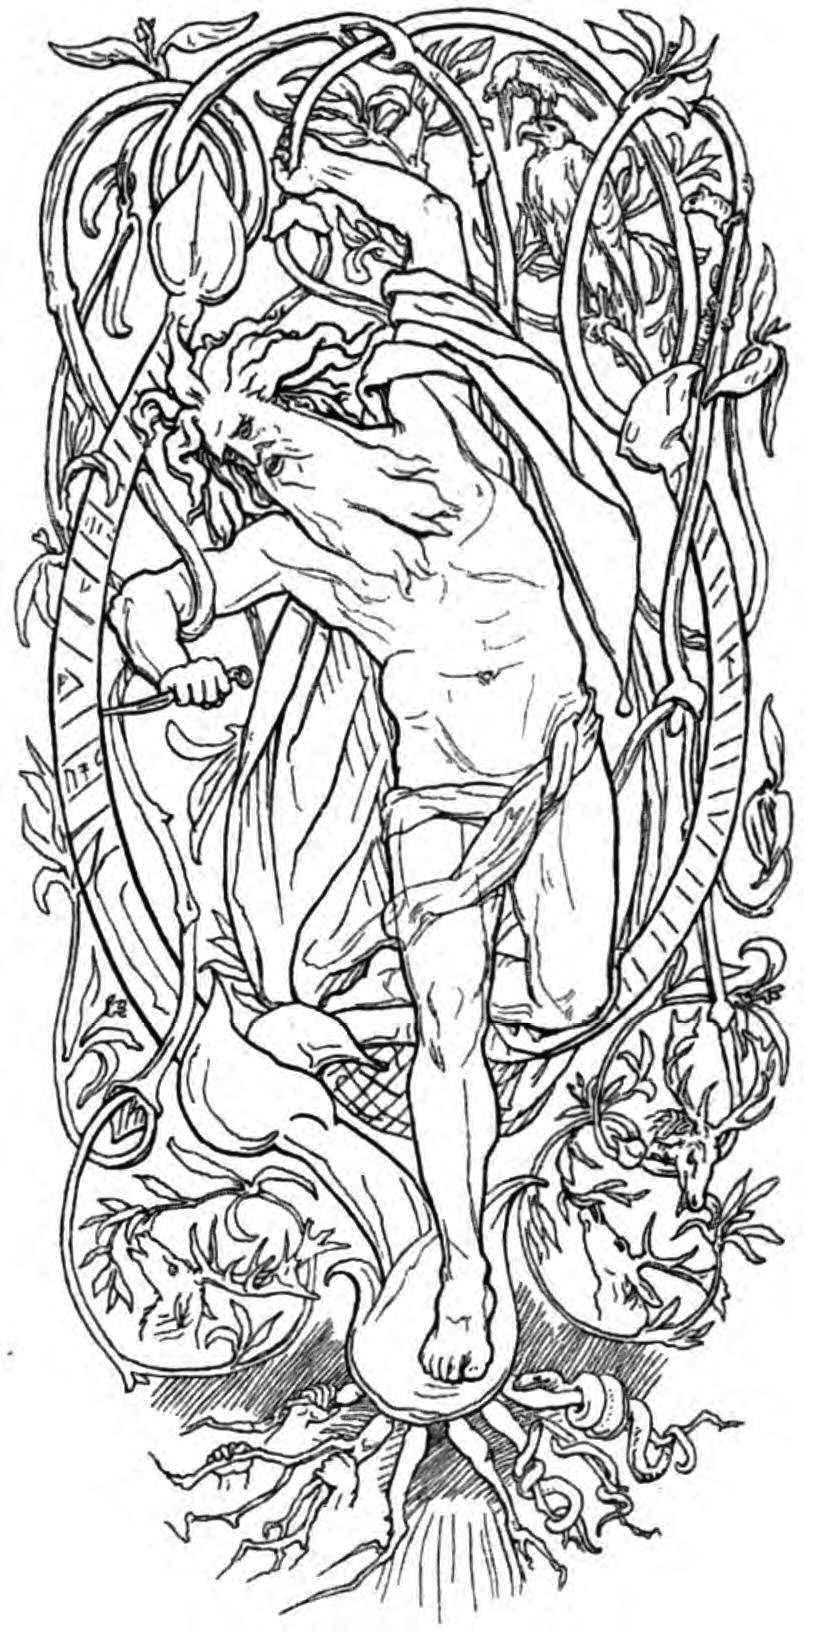 Odin S Self Sacrifice Norse Norse Mythology Gods And Goddesses